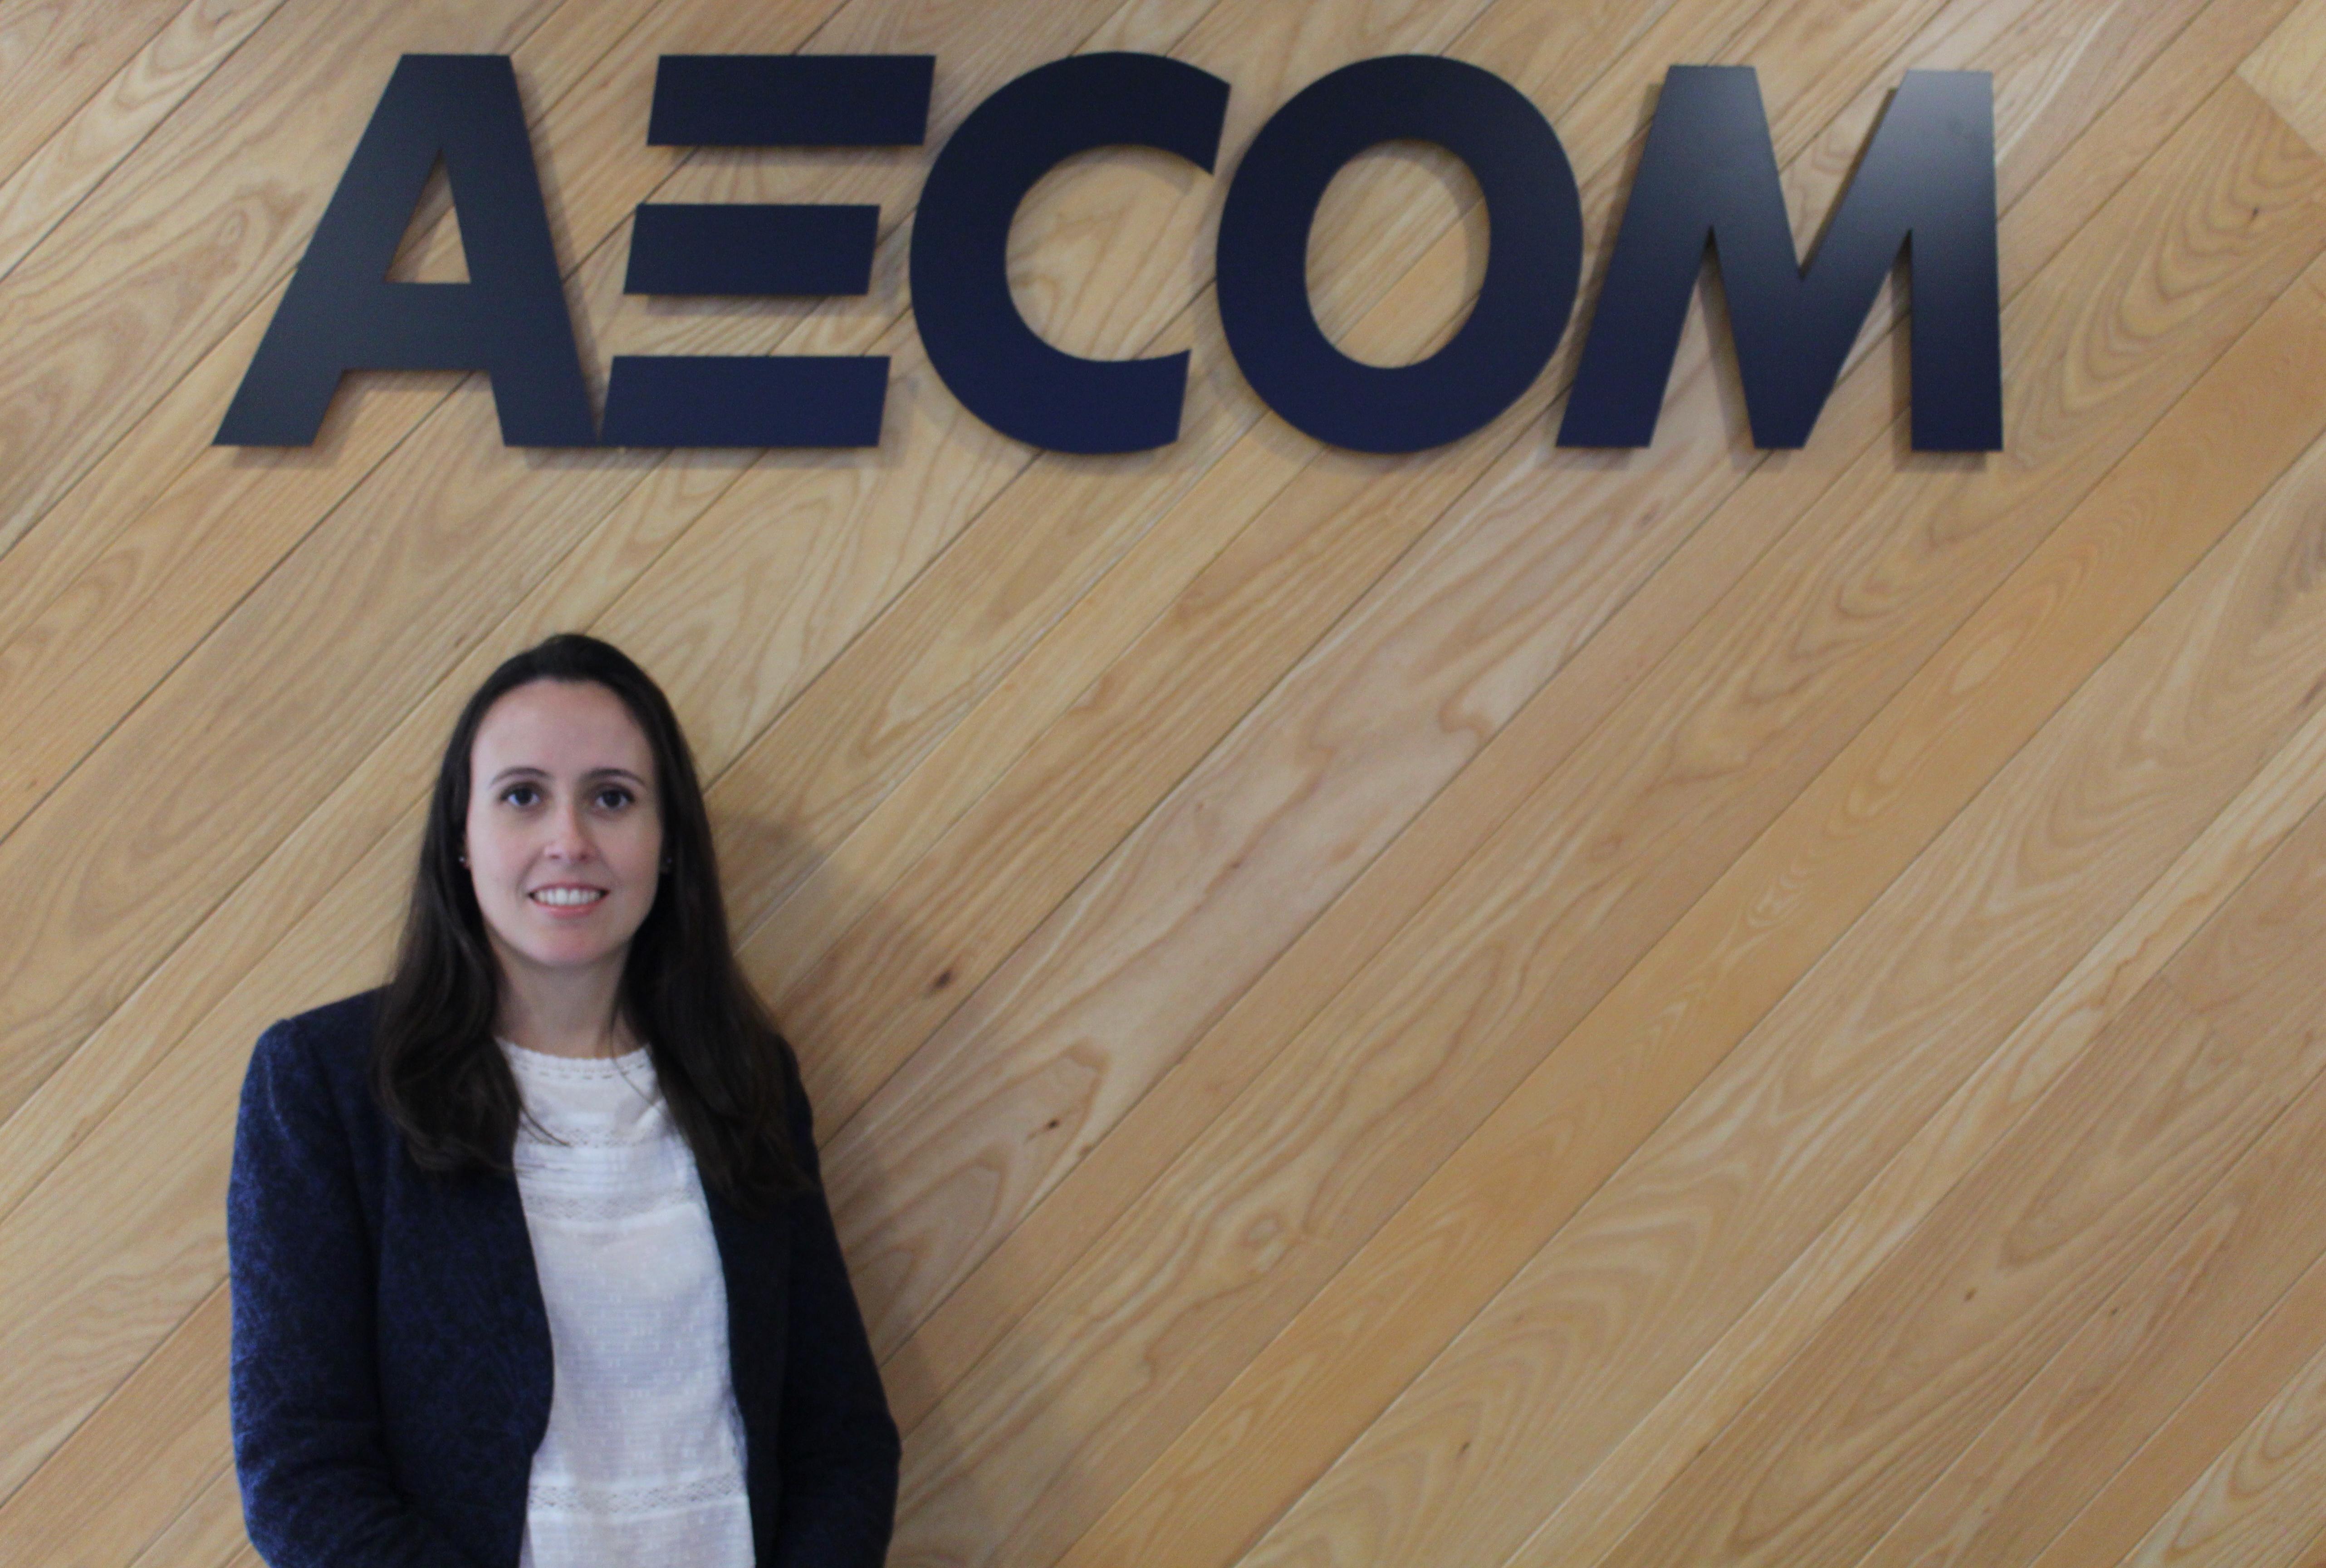 AECOM Nerea engineer career advice